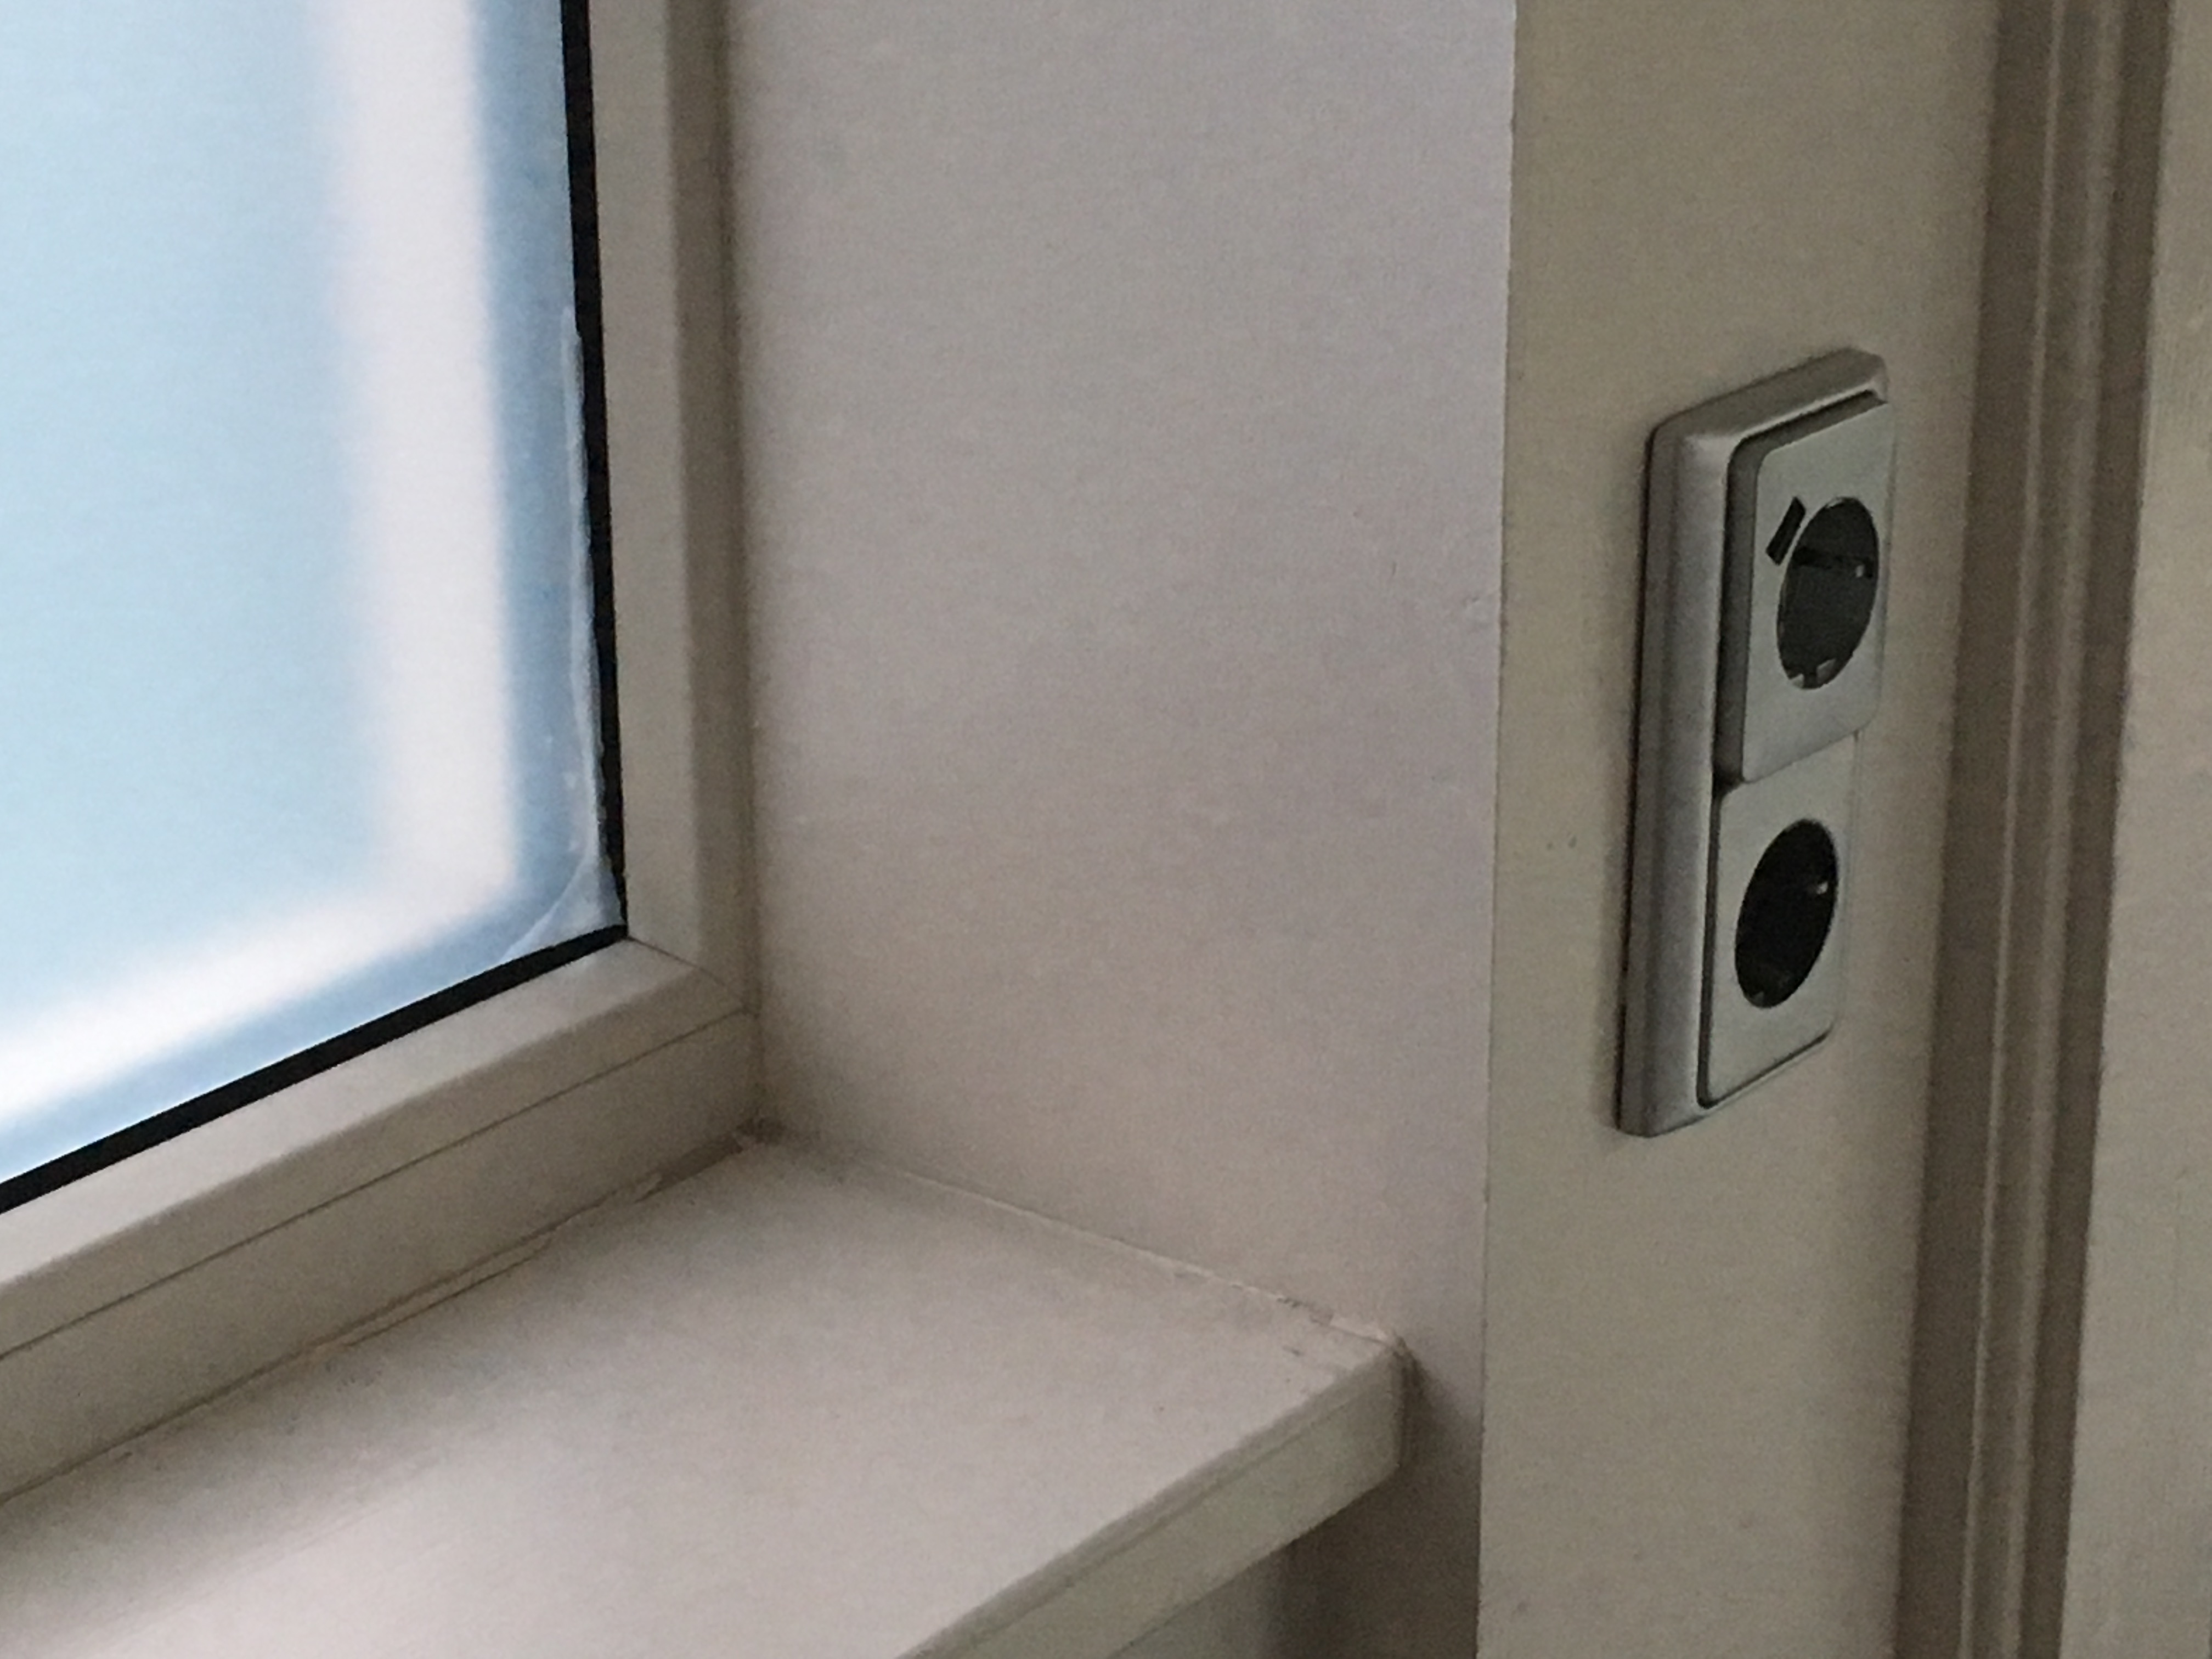 Stopcontacten In Keuken : Beauty wood stopcontacten keuken detail beauty wood